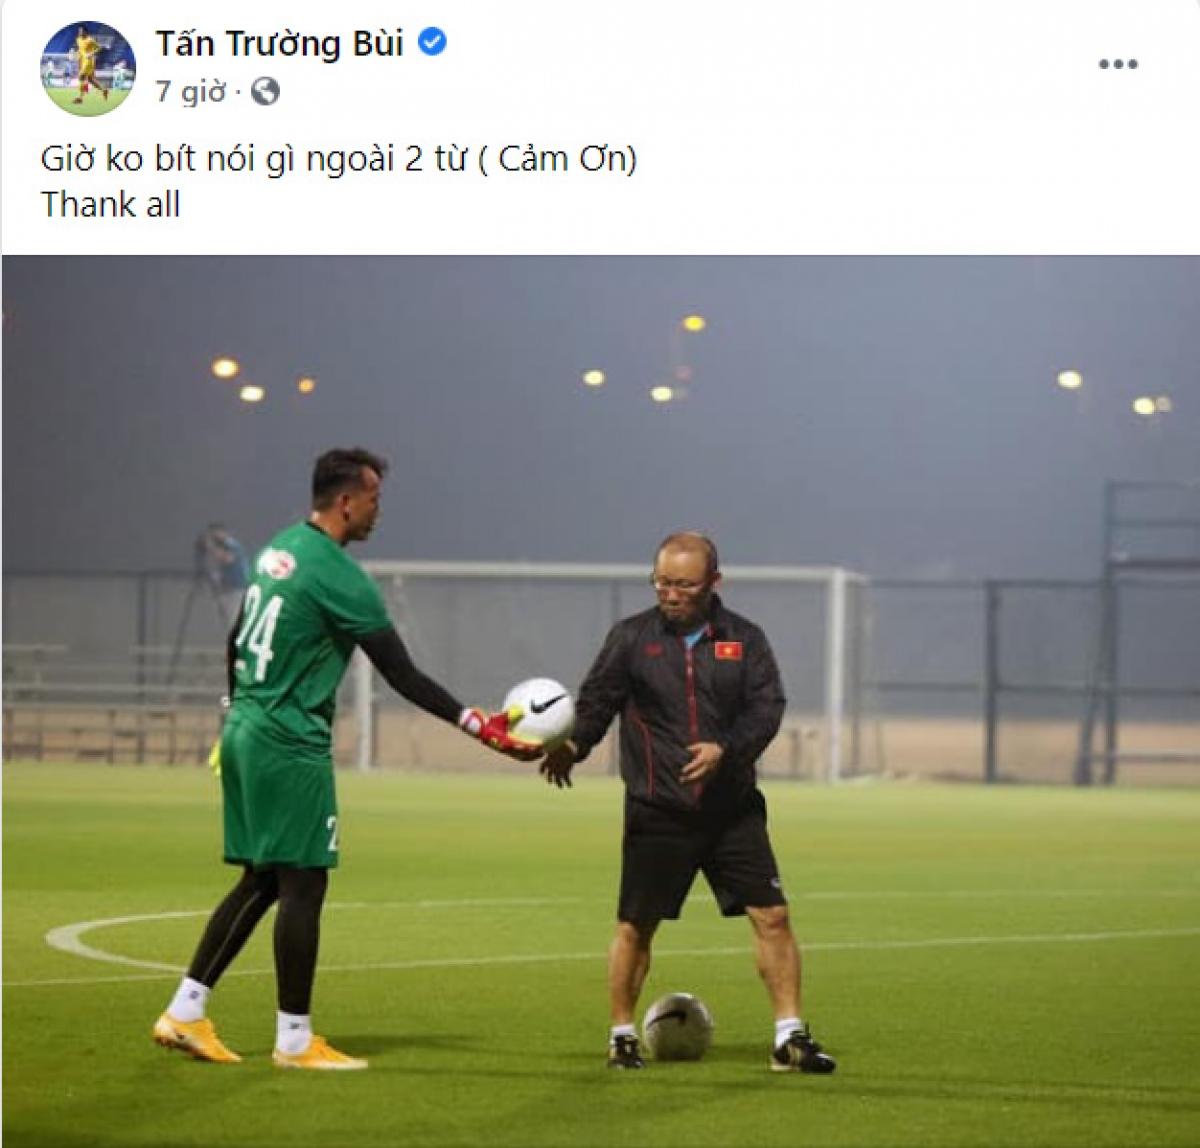 Thủ môn Bùi Tấn Trường cảm ơn HLV Park Hang Seo và người hâm mộ bóng đá Việt Nam.